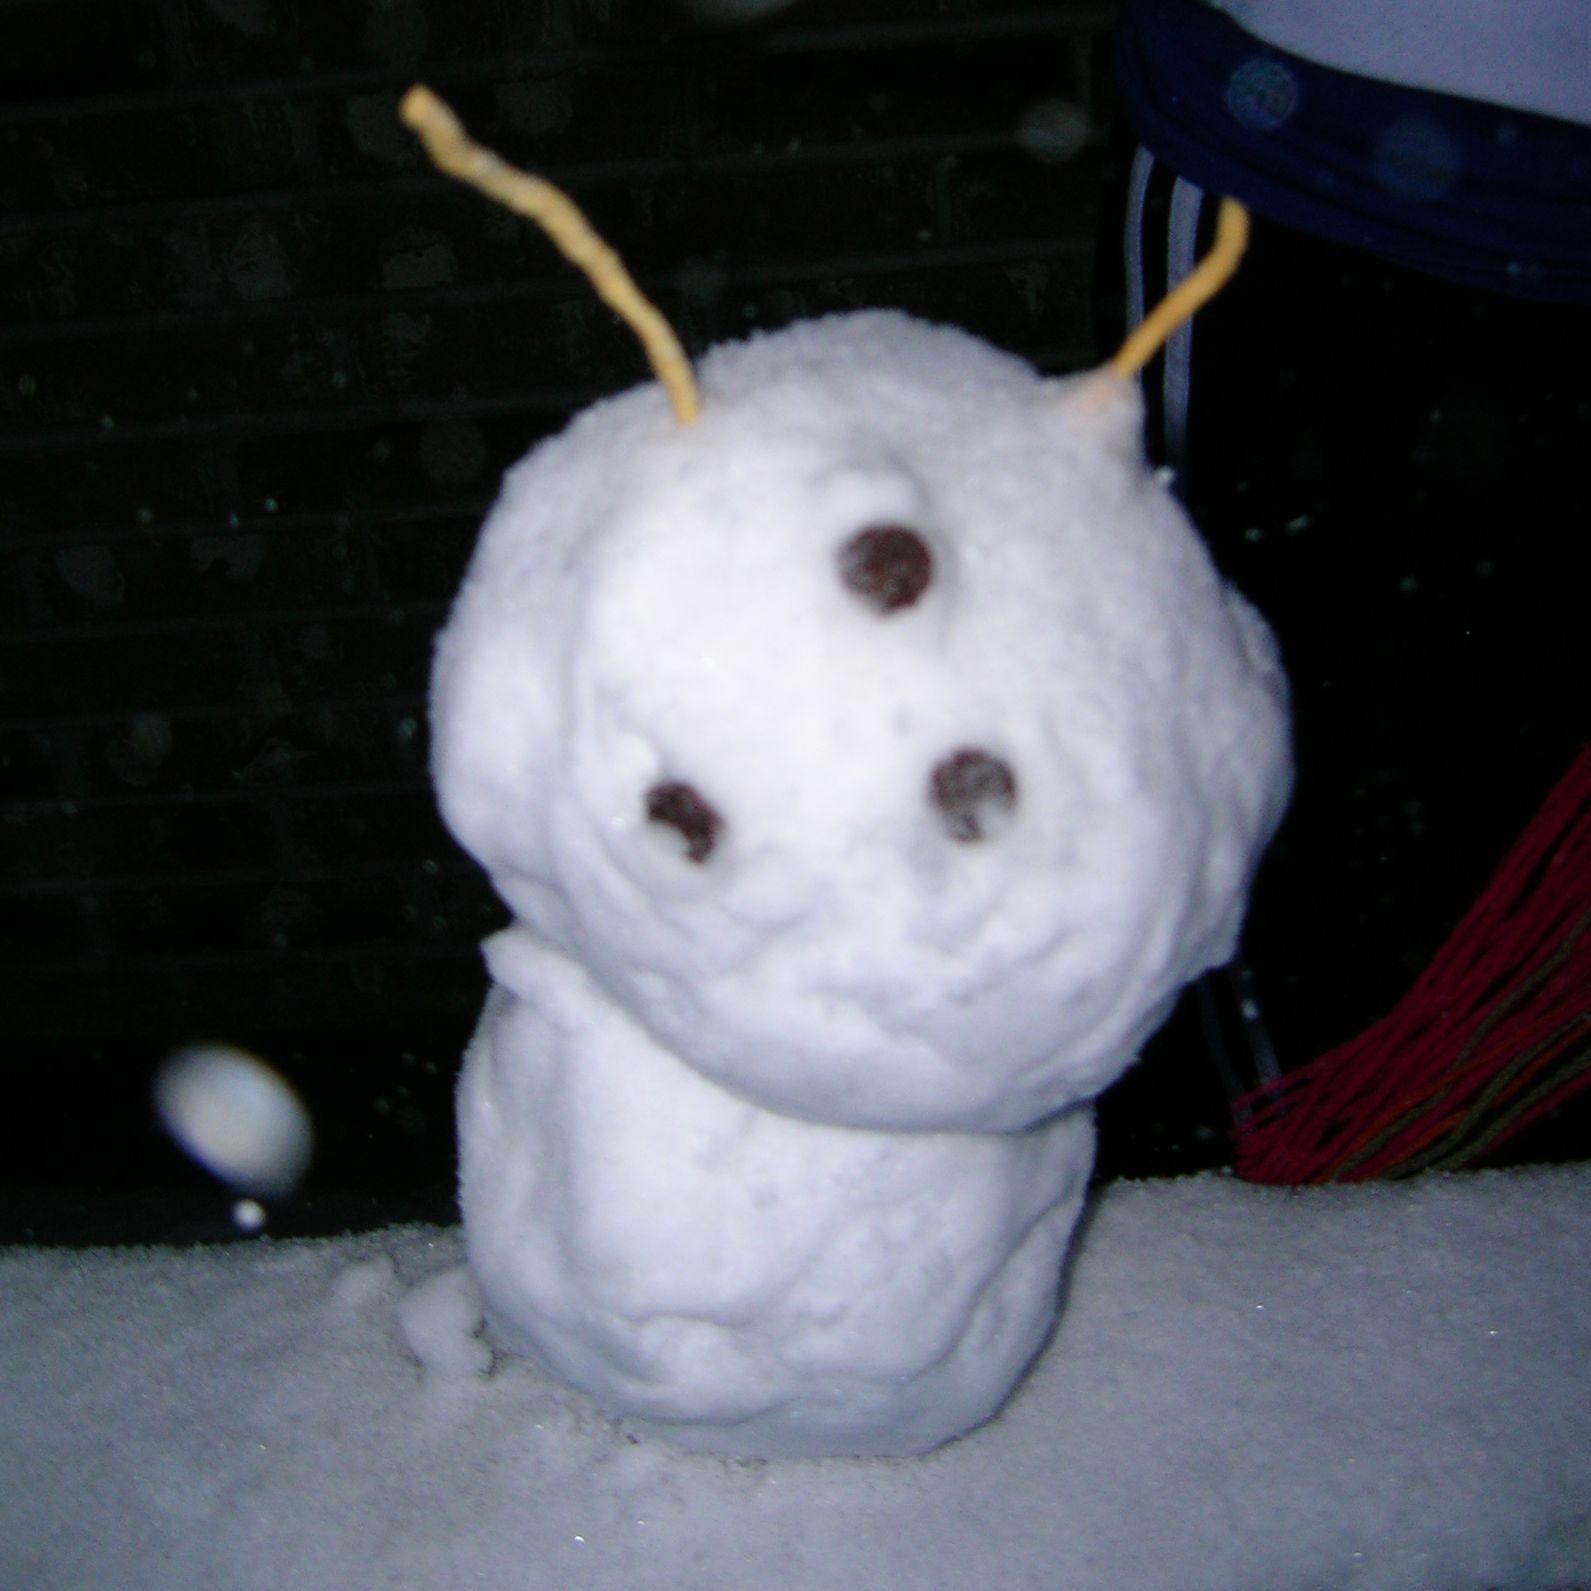 Miniature Snow Goon